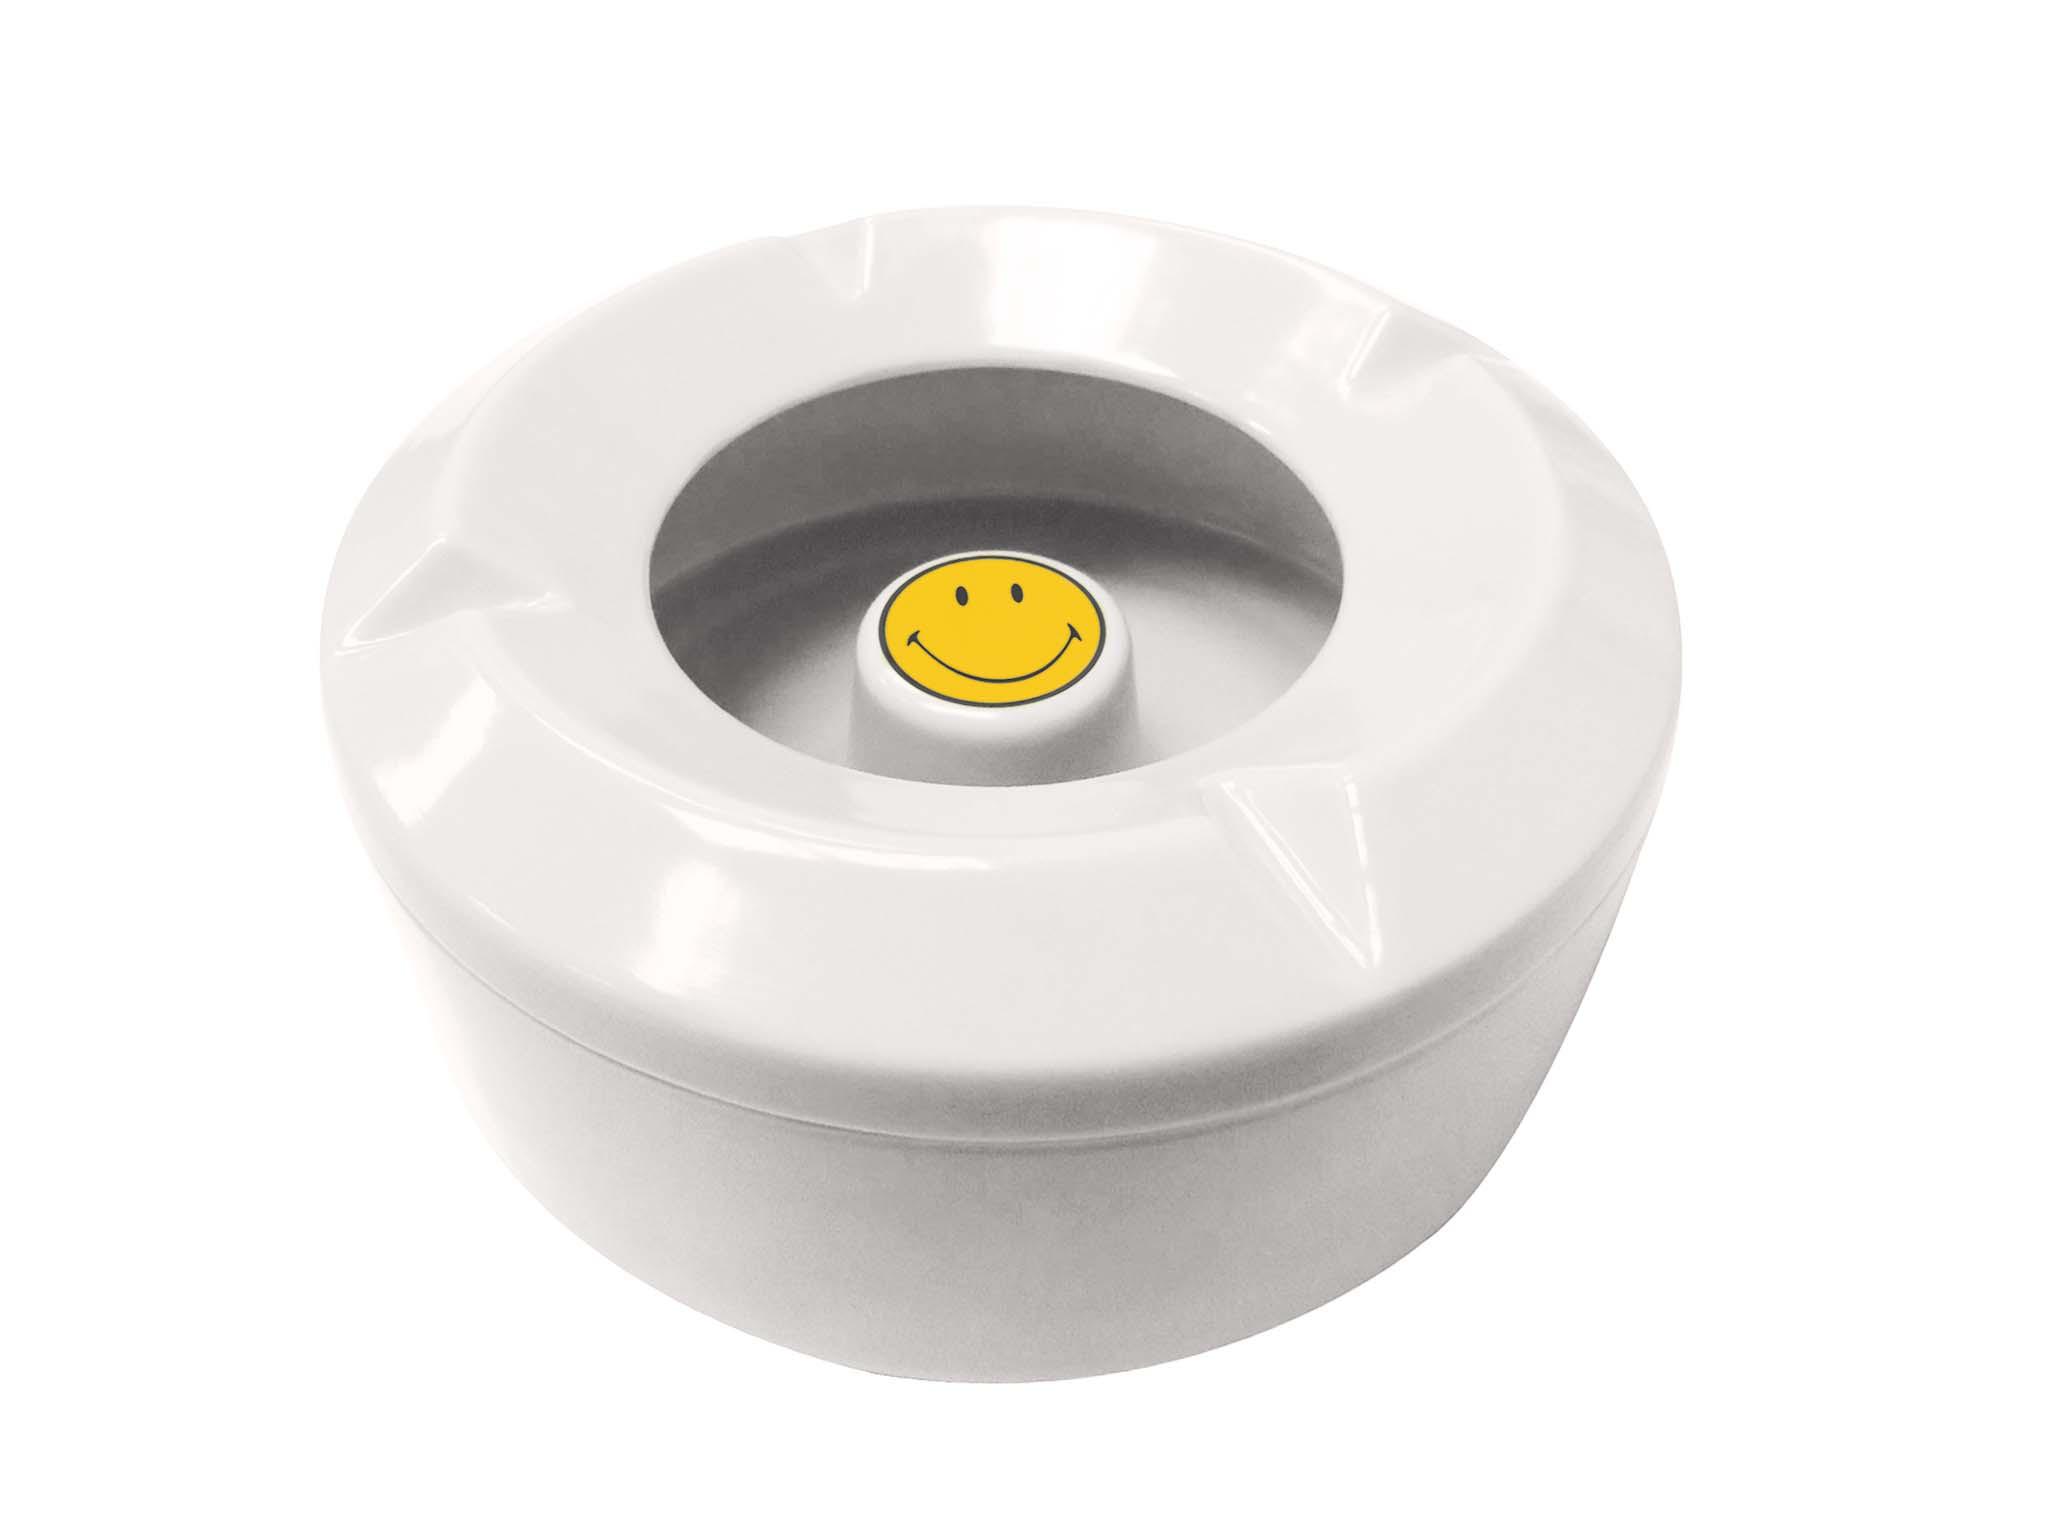 Cendrier d'extérieur Smiley - Ø 10,5 cm